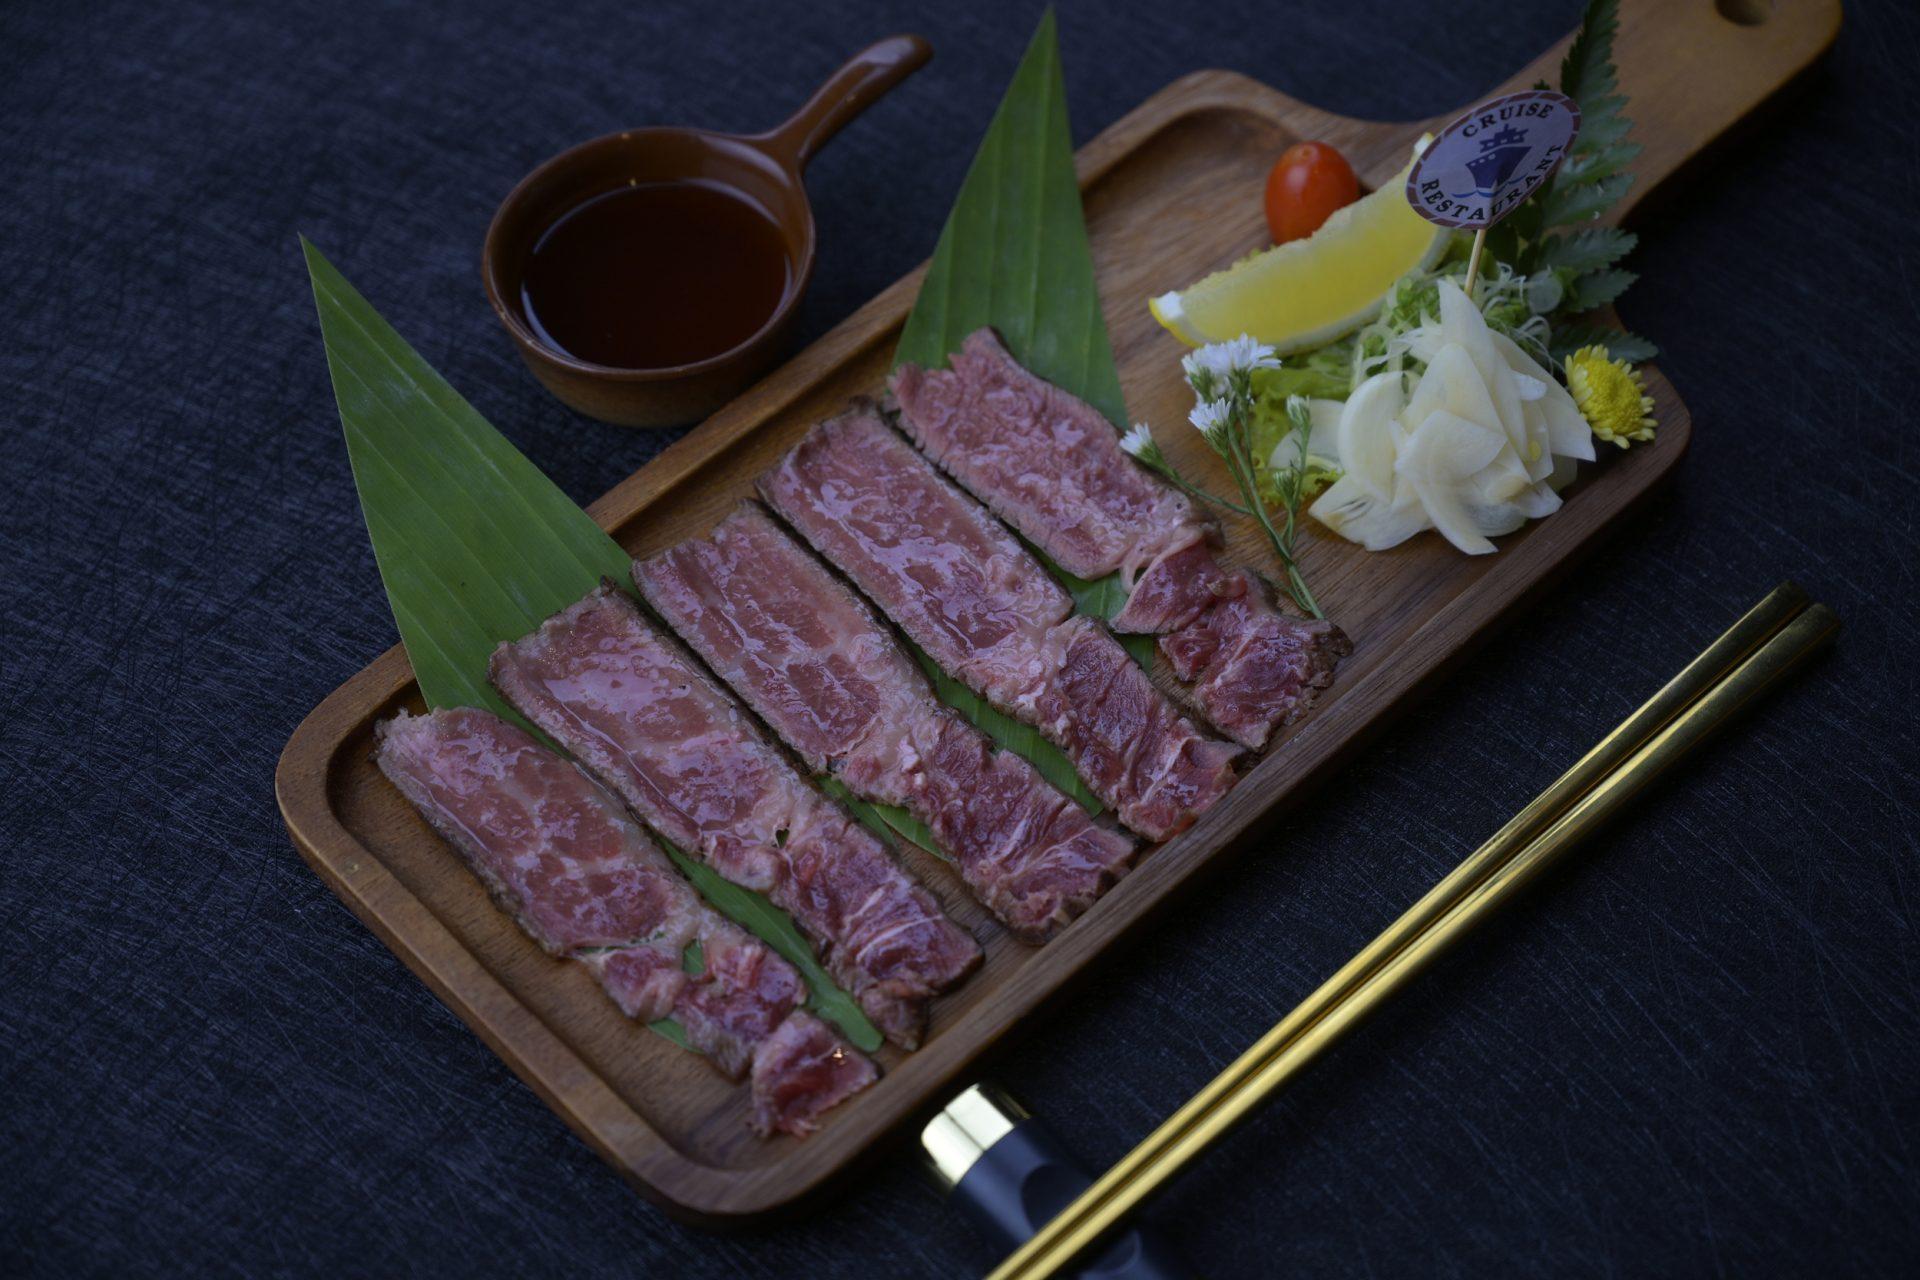 กิวทาทากิ เนื้อย่างสไตล์ญี่ปุ่น เนื้อย่าง เนื้อชั้นดี อาหารญี่ปุ่น